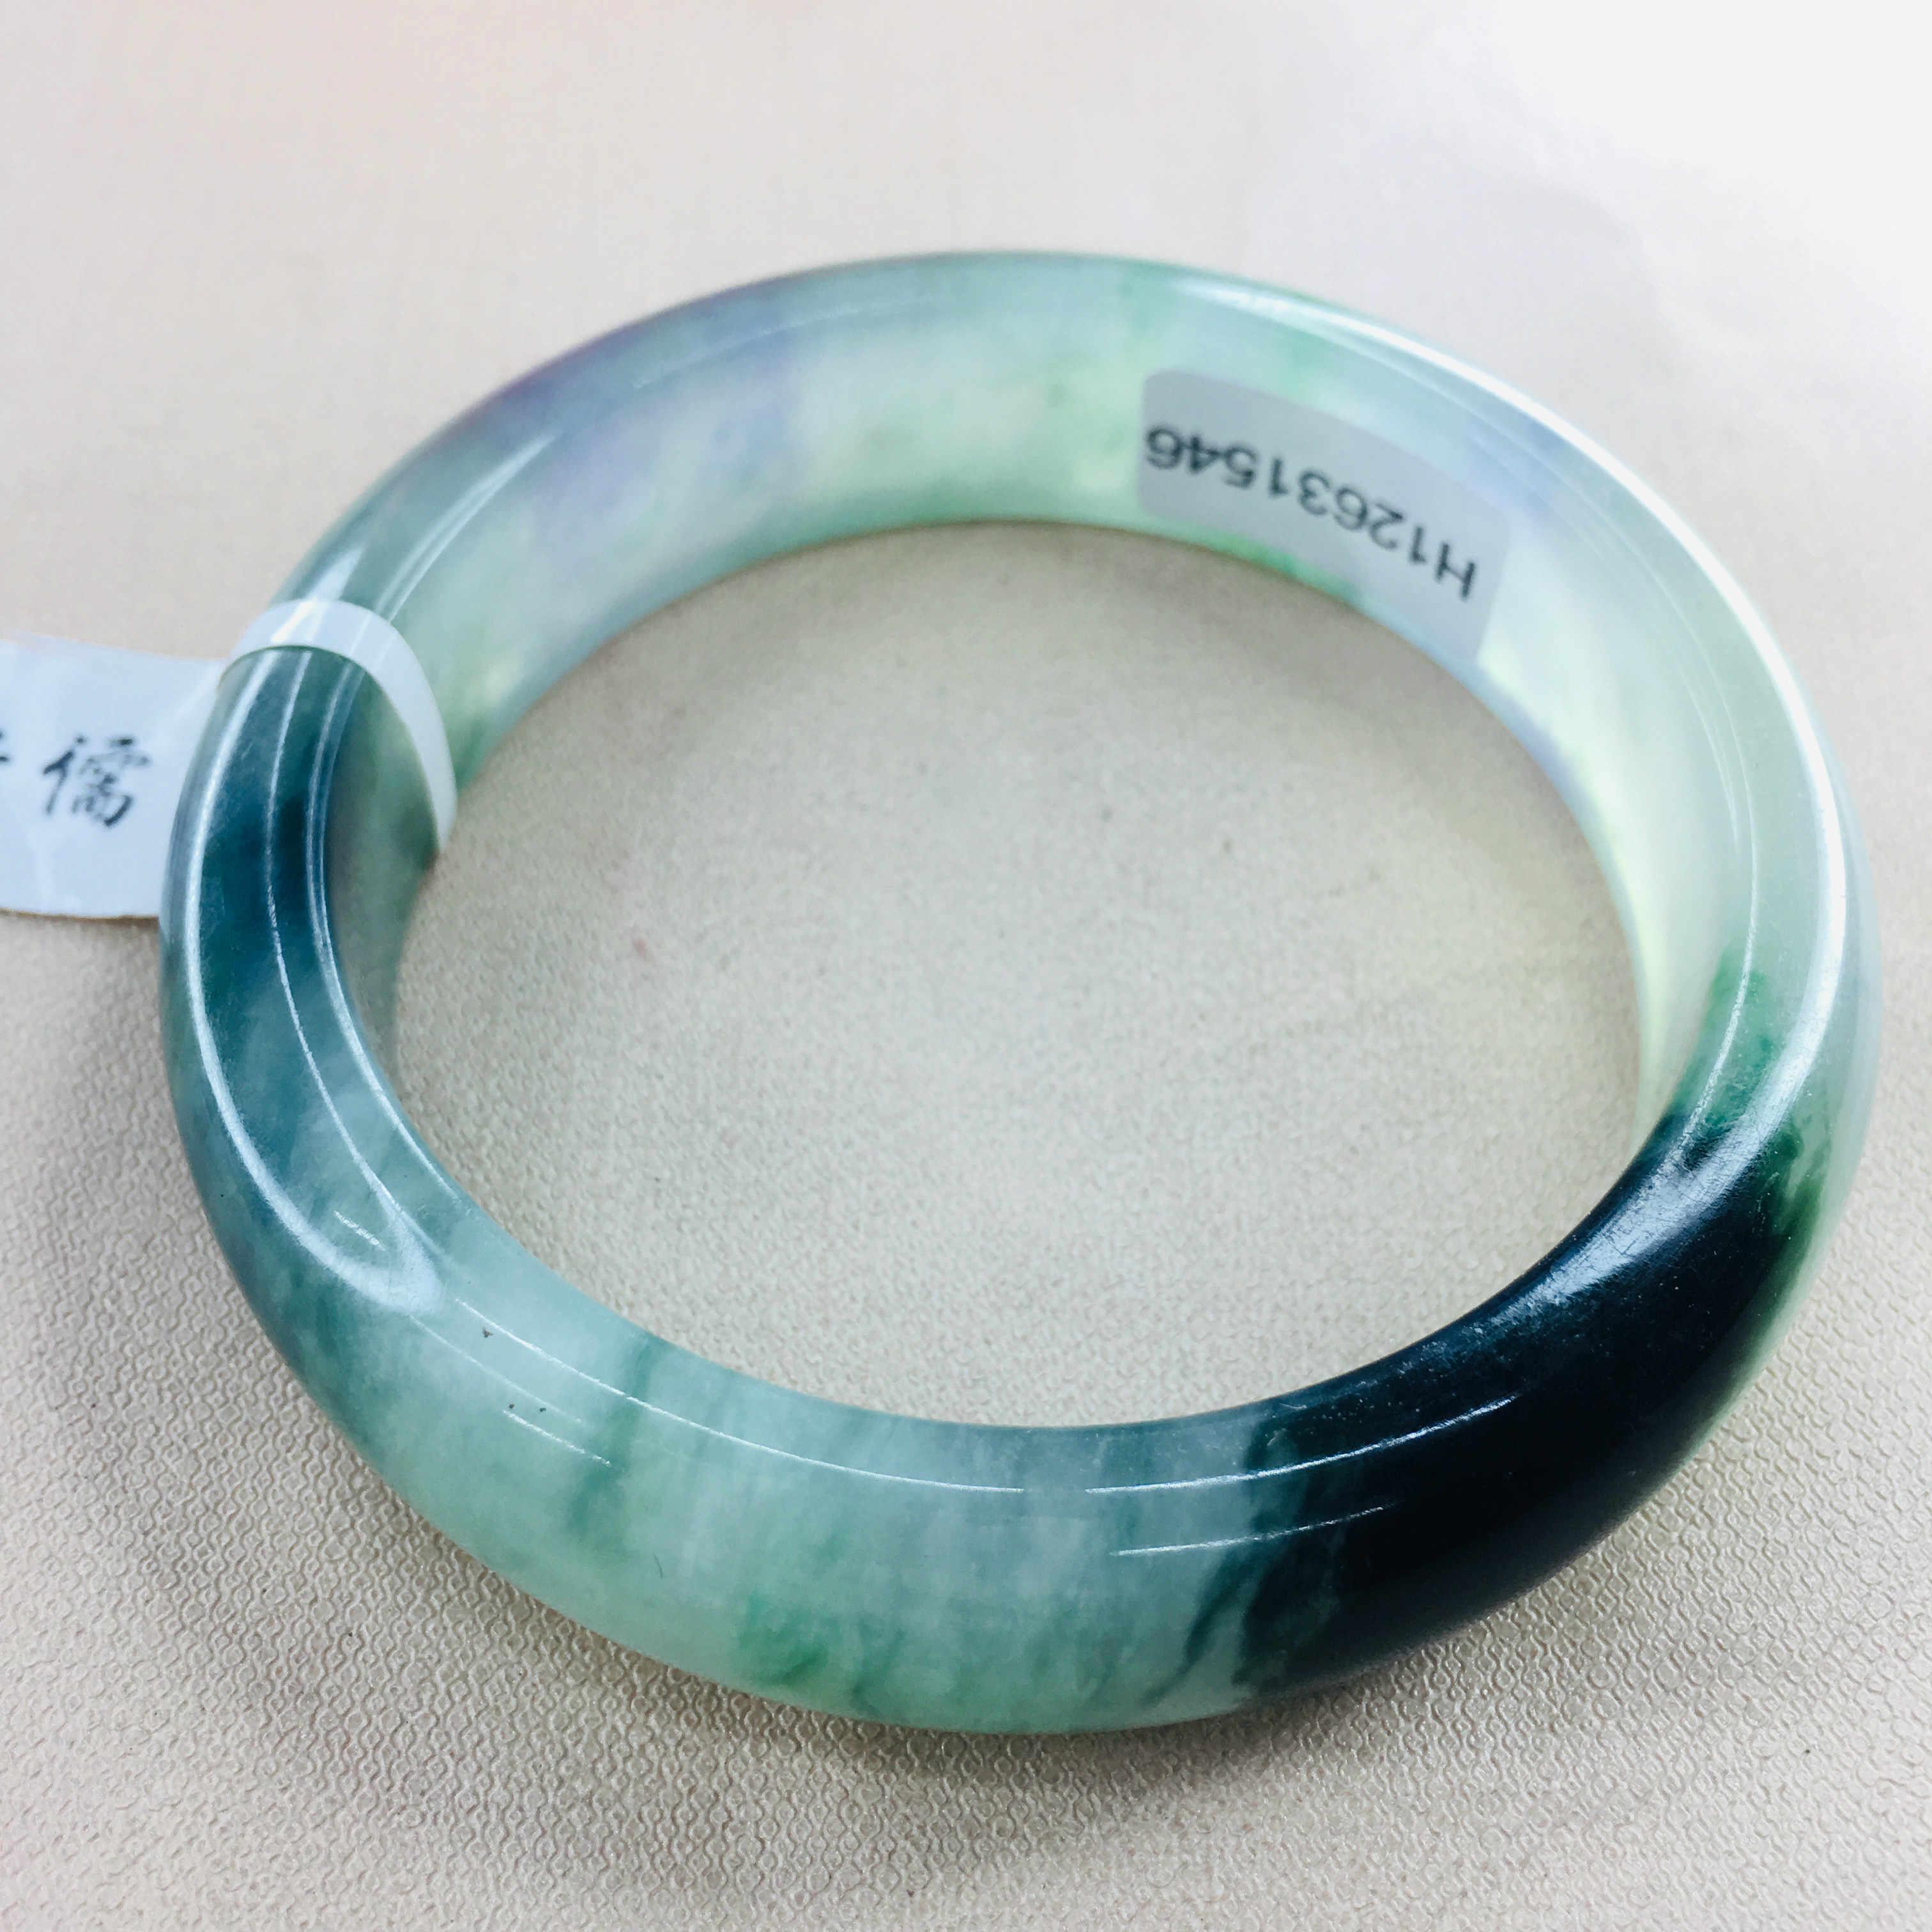 Zheru biżuteria czysty naturalny jadeit bransoletka lód naturalny dno dwukolorowe 54-62mm kobiet księżniczka bransoletka prezent wysłać certyfikat